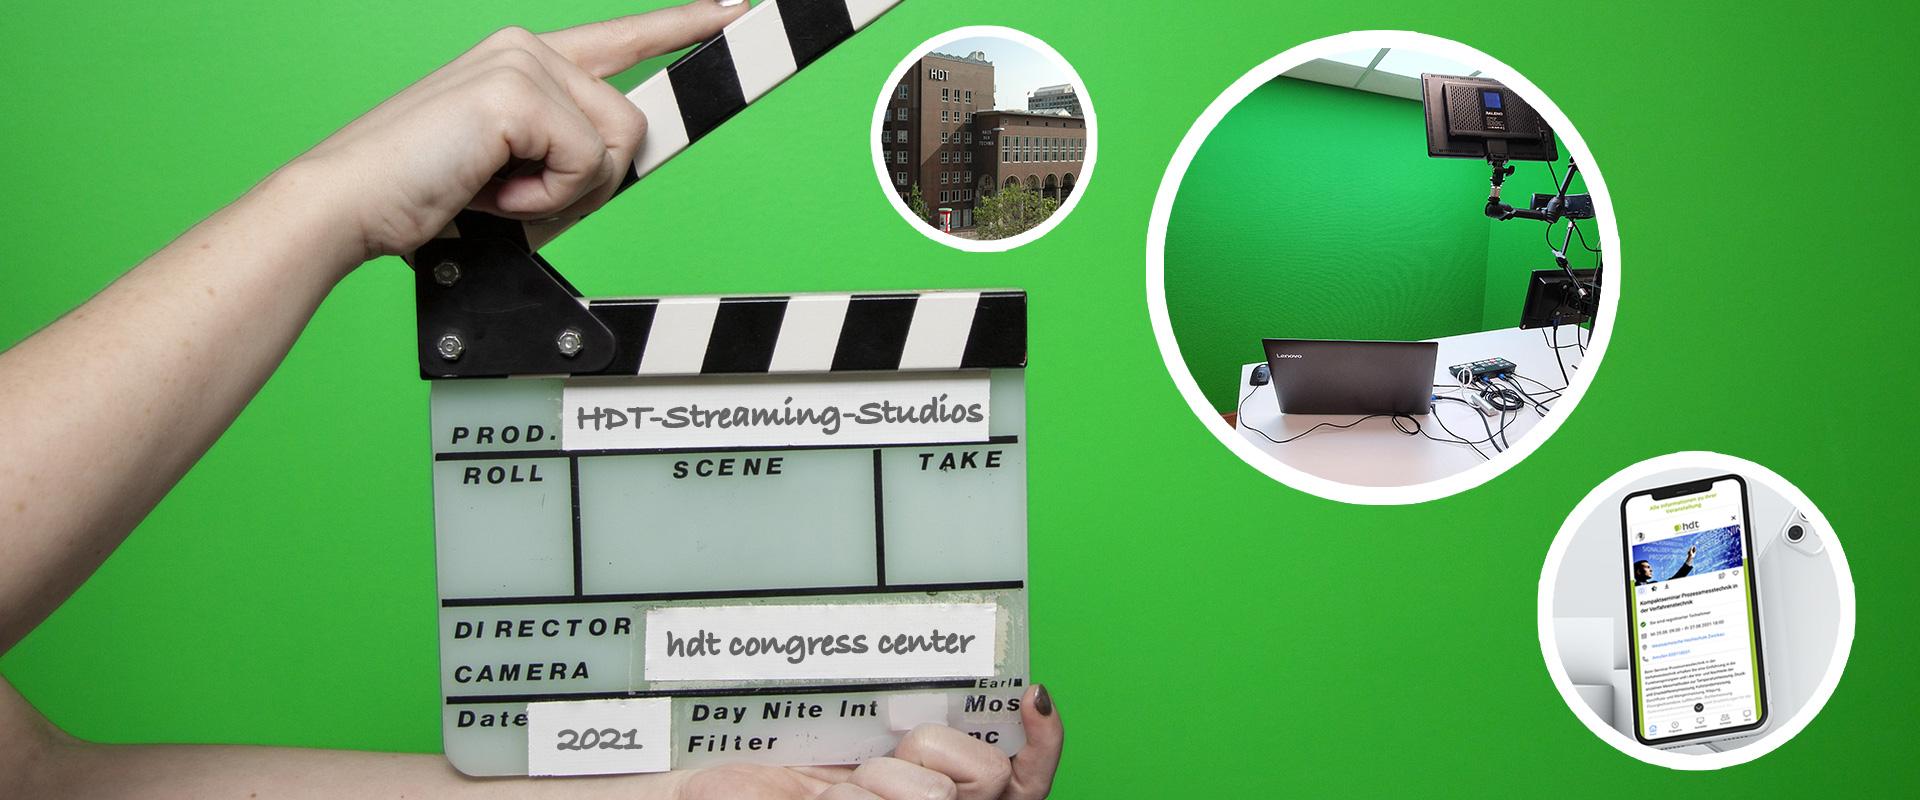 HDT-Streaming-Studios